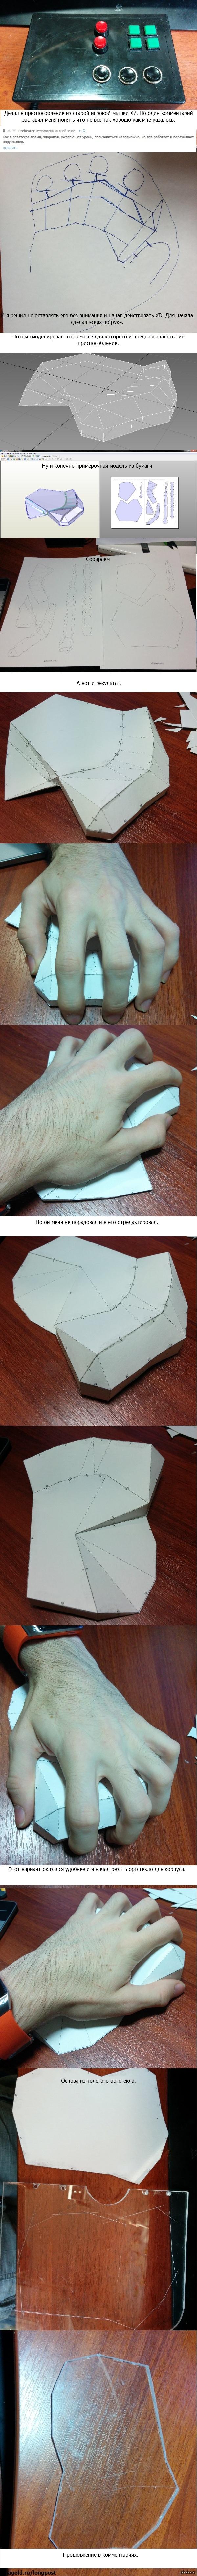 """Третья жизнь мышки. Вторая жизнь мышки <a href=""""http://pikabu.ru/story/mozhno_khot_na_denyok_vyiyti_iz_ligi_rukozhopov_2616995"""">http://pikabu.ru/story/_2616995</a>  Прошу прощения за качество фото, пришлось немного ужать."""